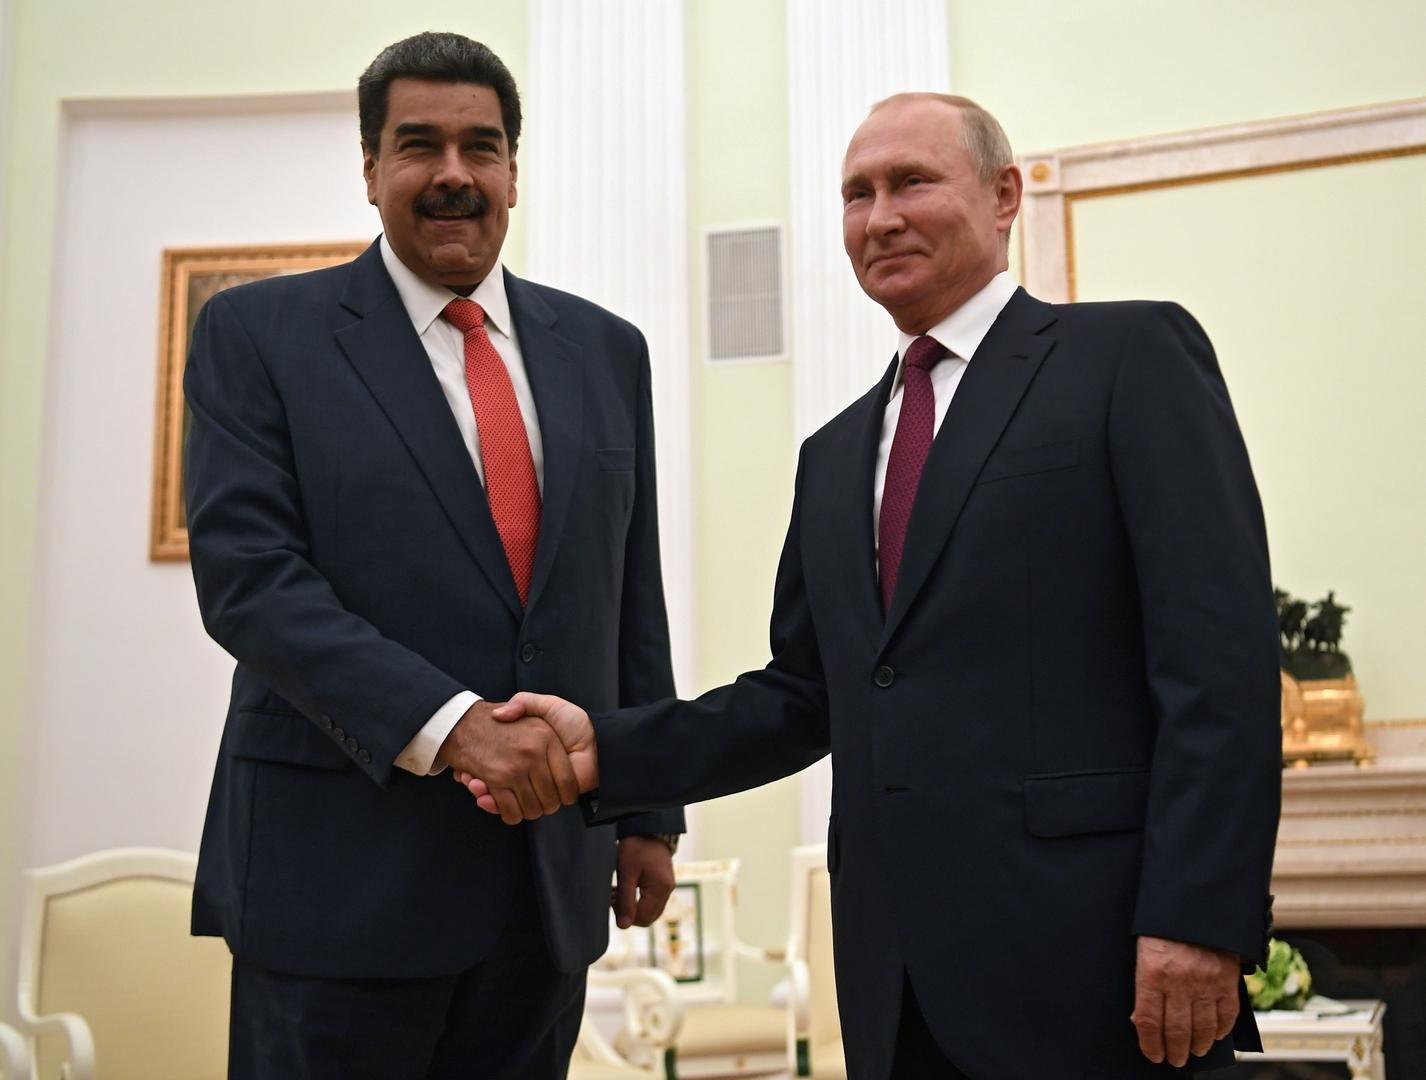 صورة من الأرشيف - الرئيسان الروسي والفنزويلي